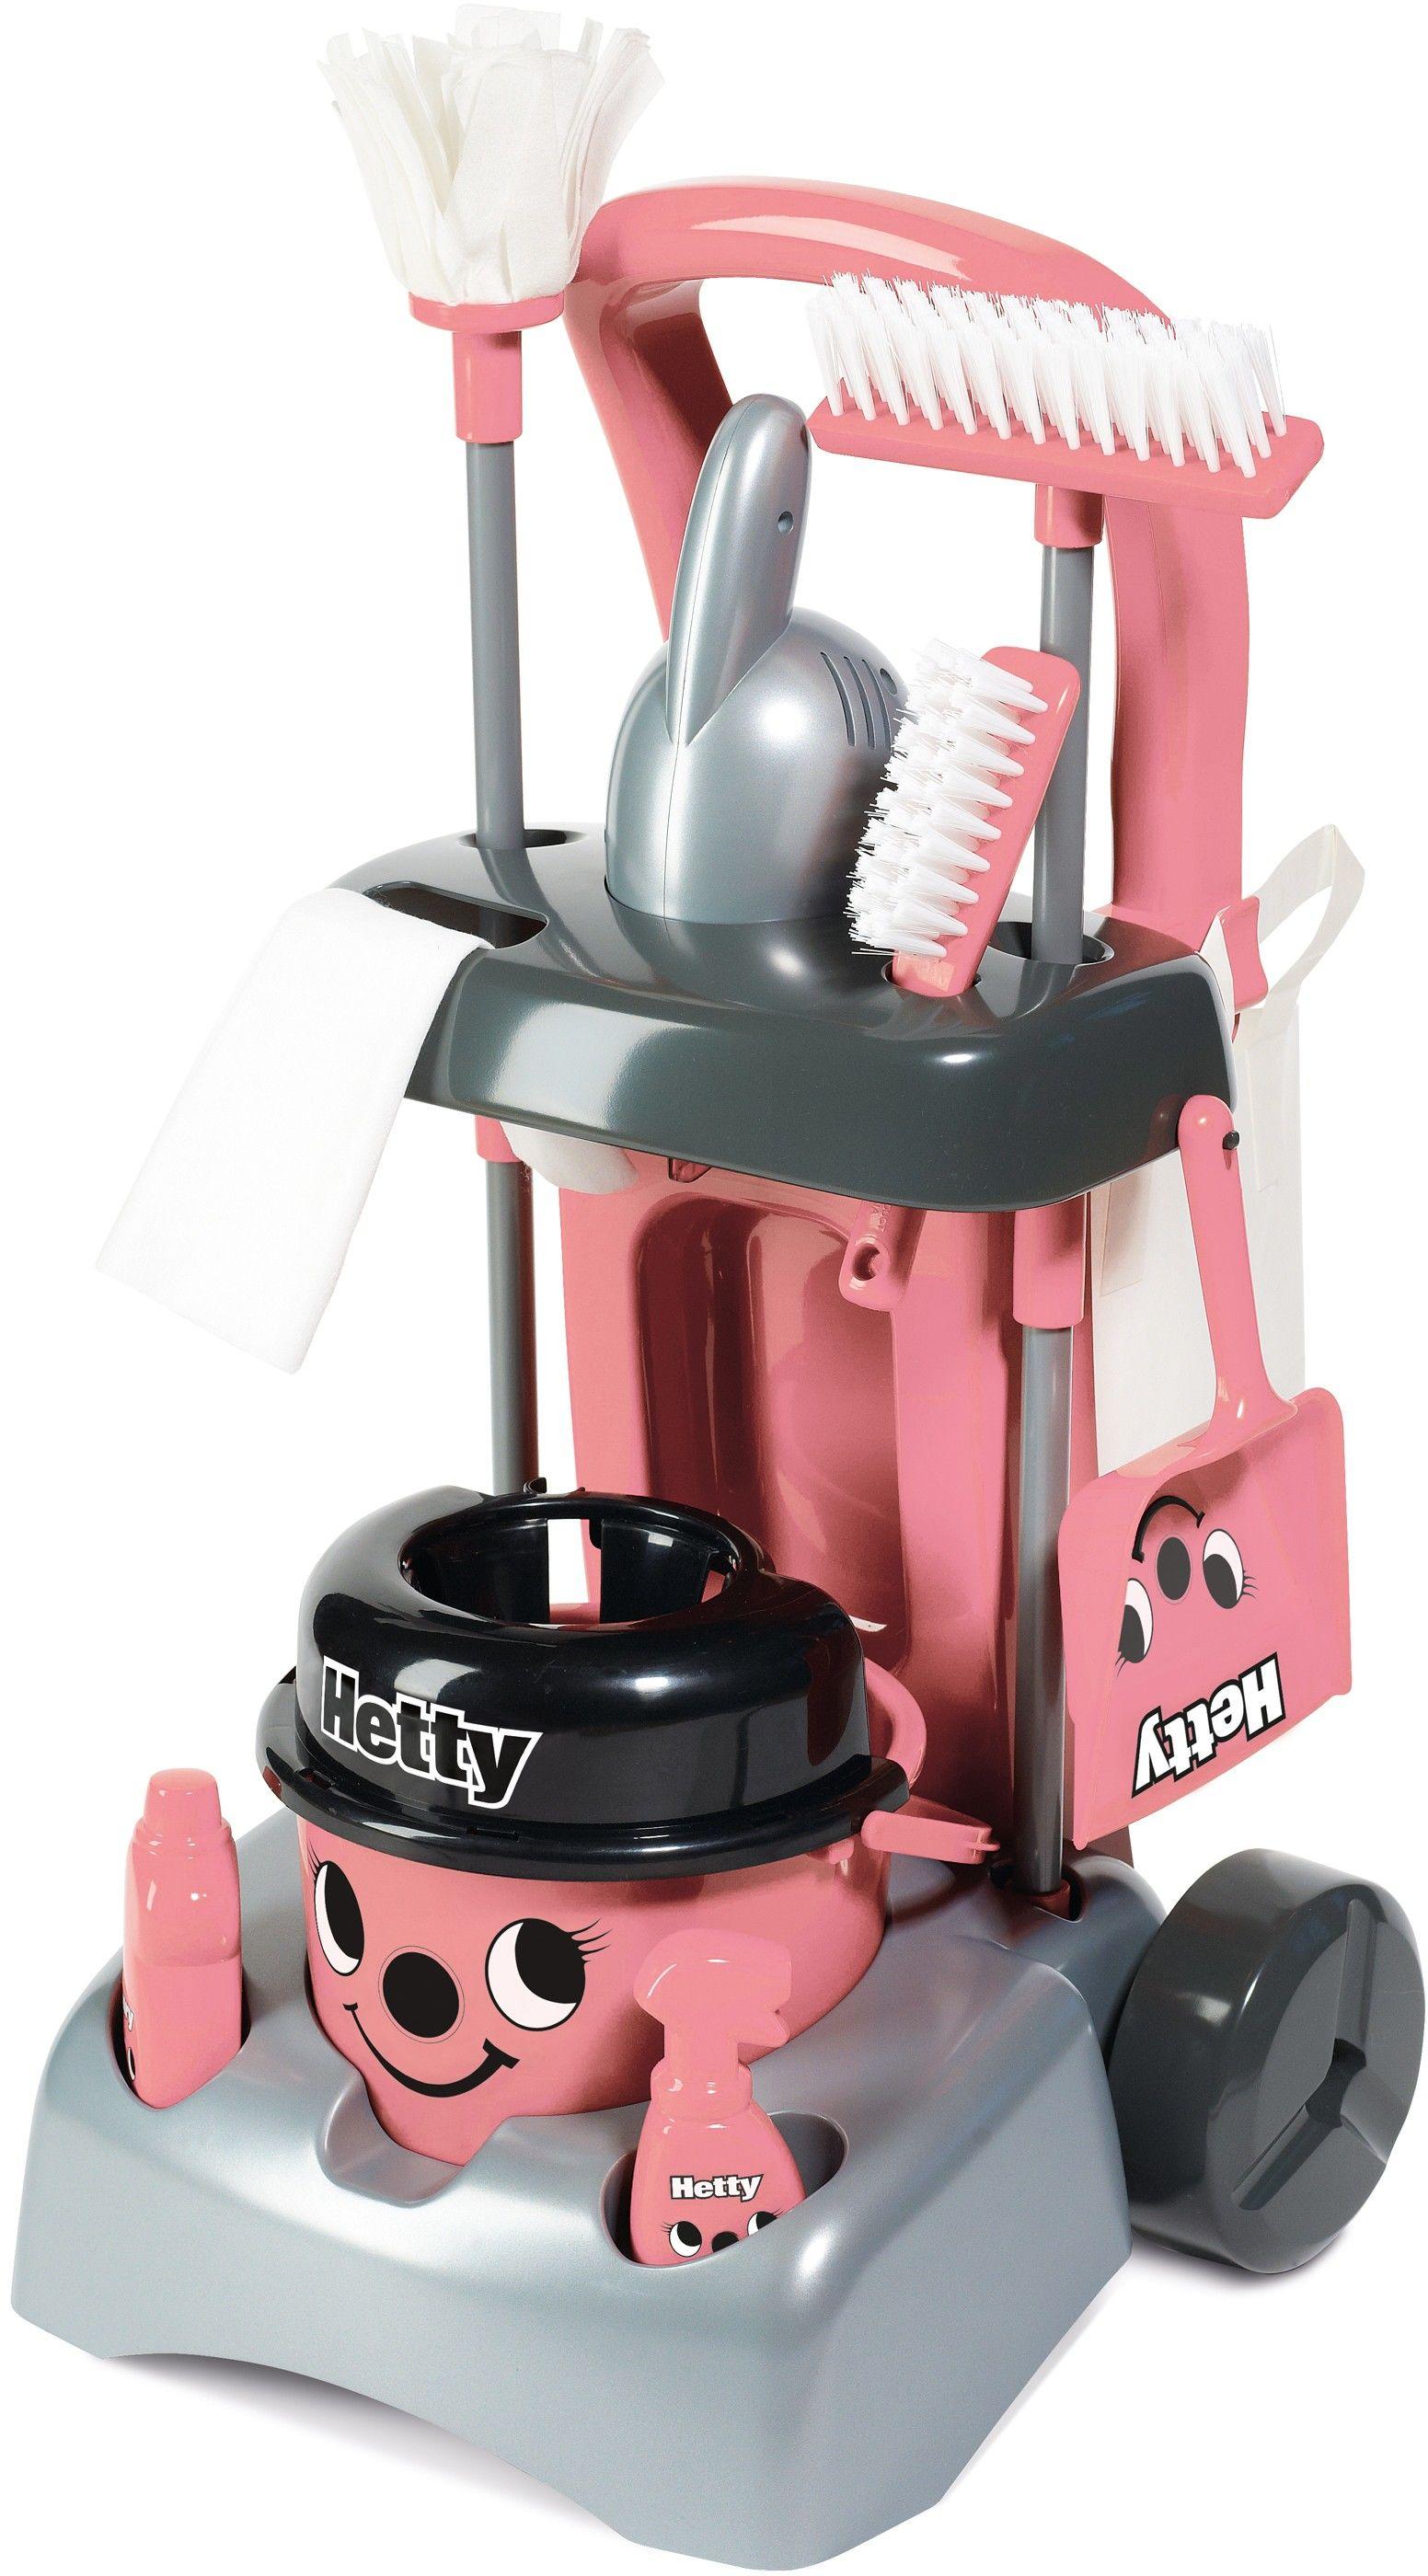 Zabawkowy wózek Hetty Deluxe z akcesoriami do sprzątania + GRATIS